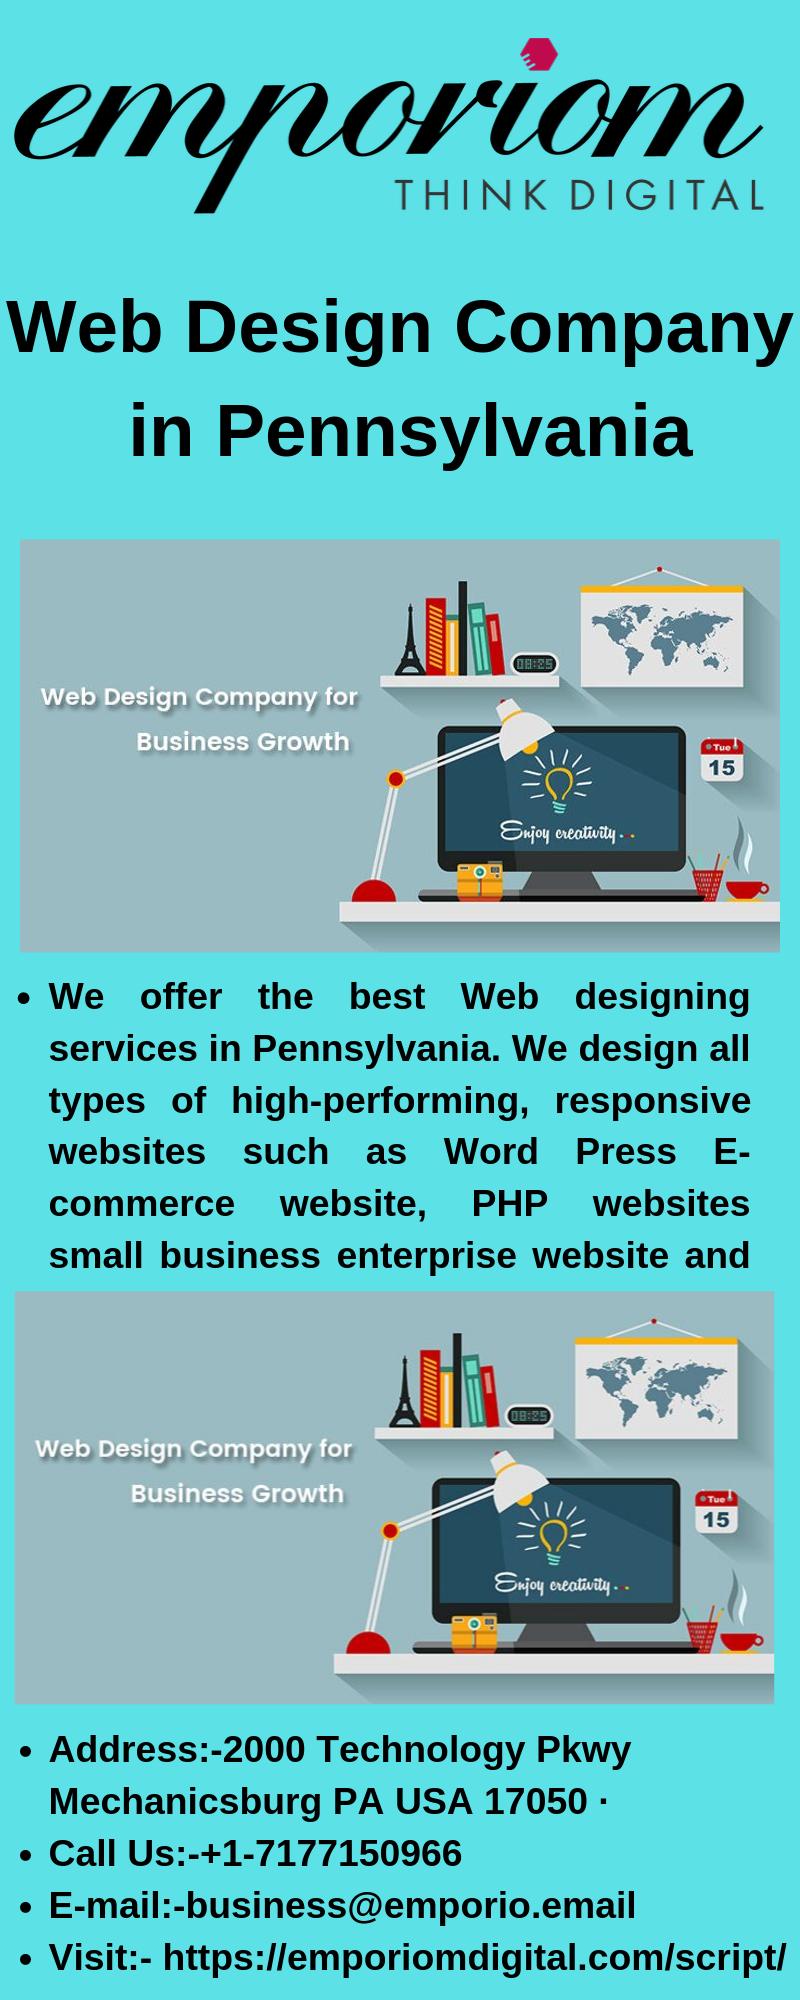 Web Development Company In Pennsylvania Web Design Company Design Company Interactive Advertising